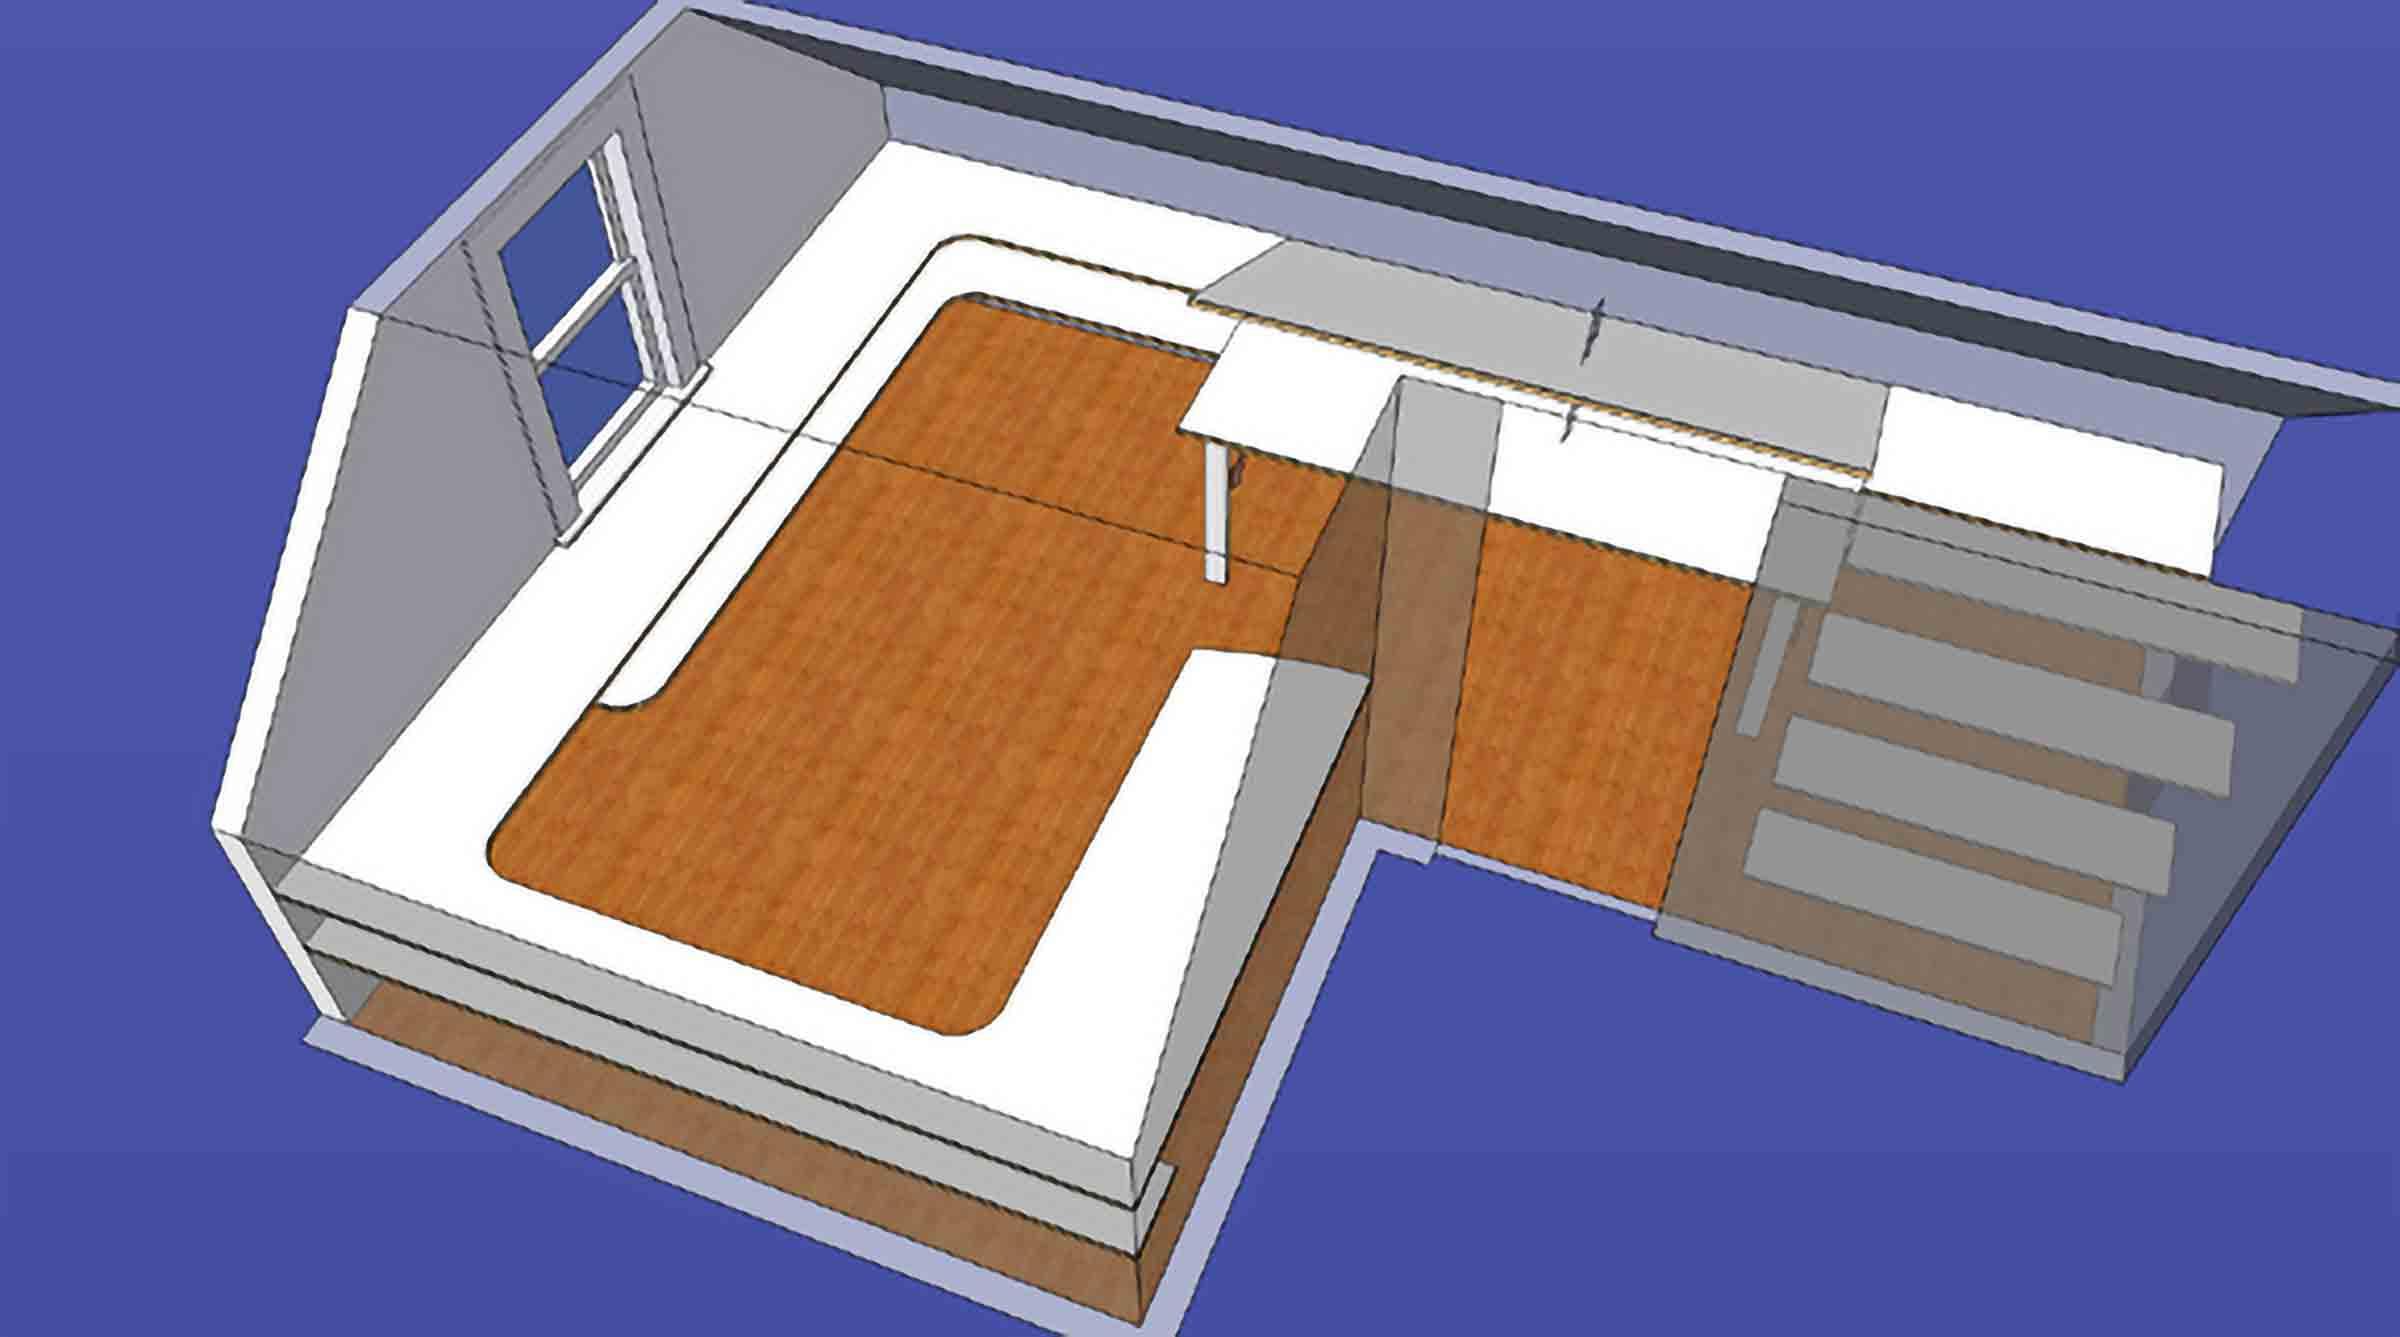 Modular Shelving top view